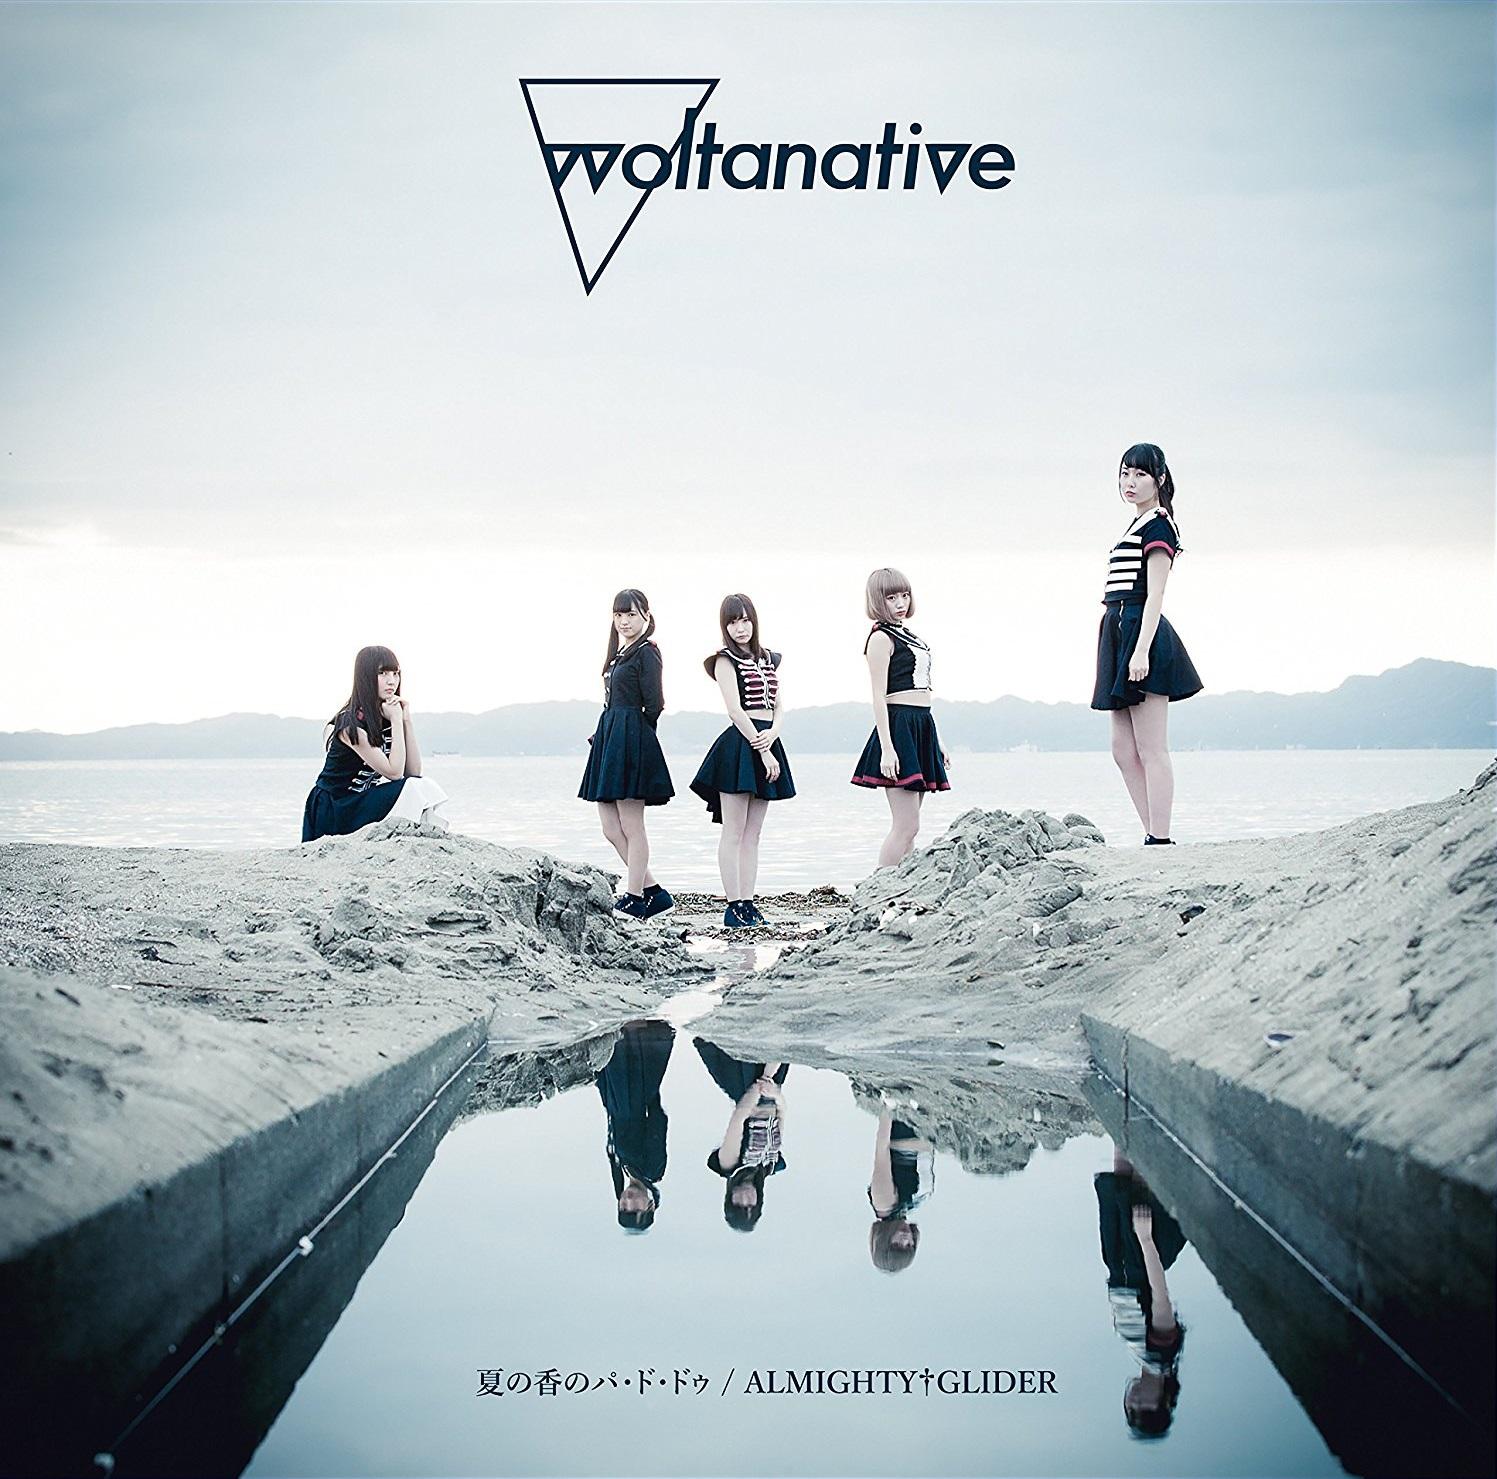 20170915.0516.4 Woltanative - Natsu no Ka no Pas de Deux (FLAC) cover 2.jpg